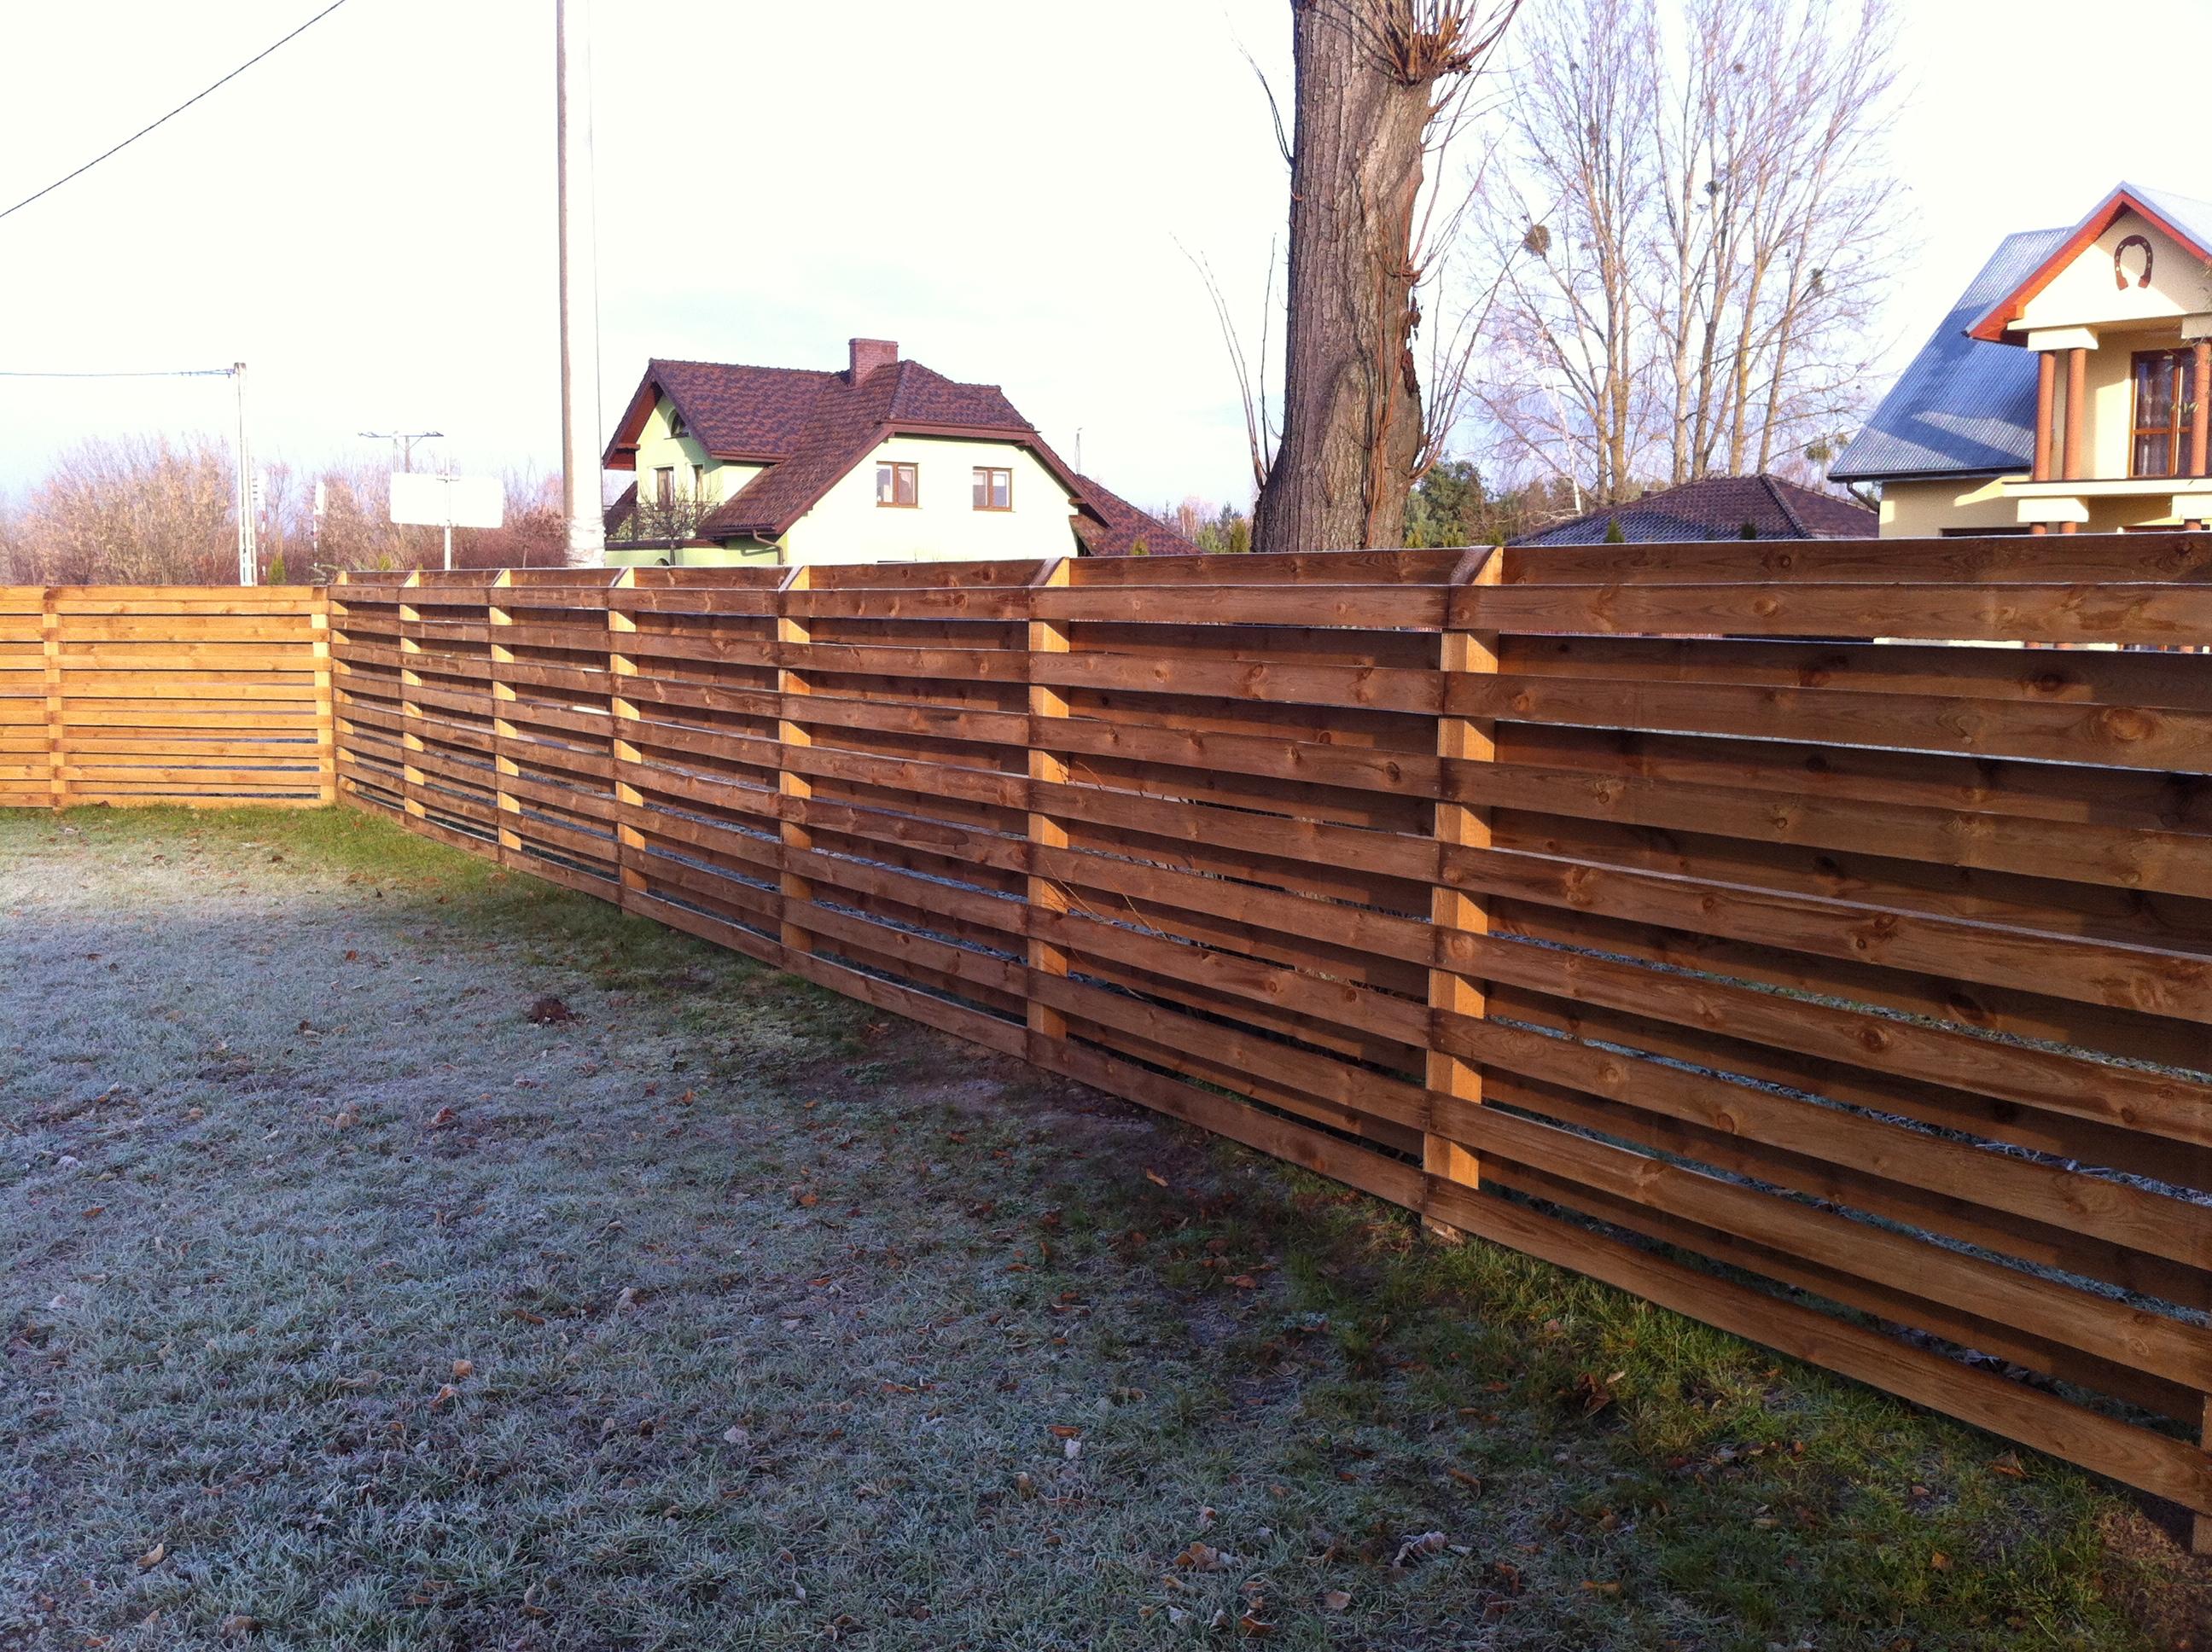 Traitement bois exterieur classe 4 - Traitement bois terrasse exterieur ...